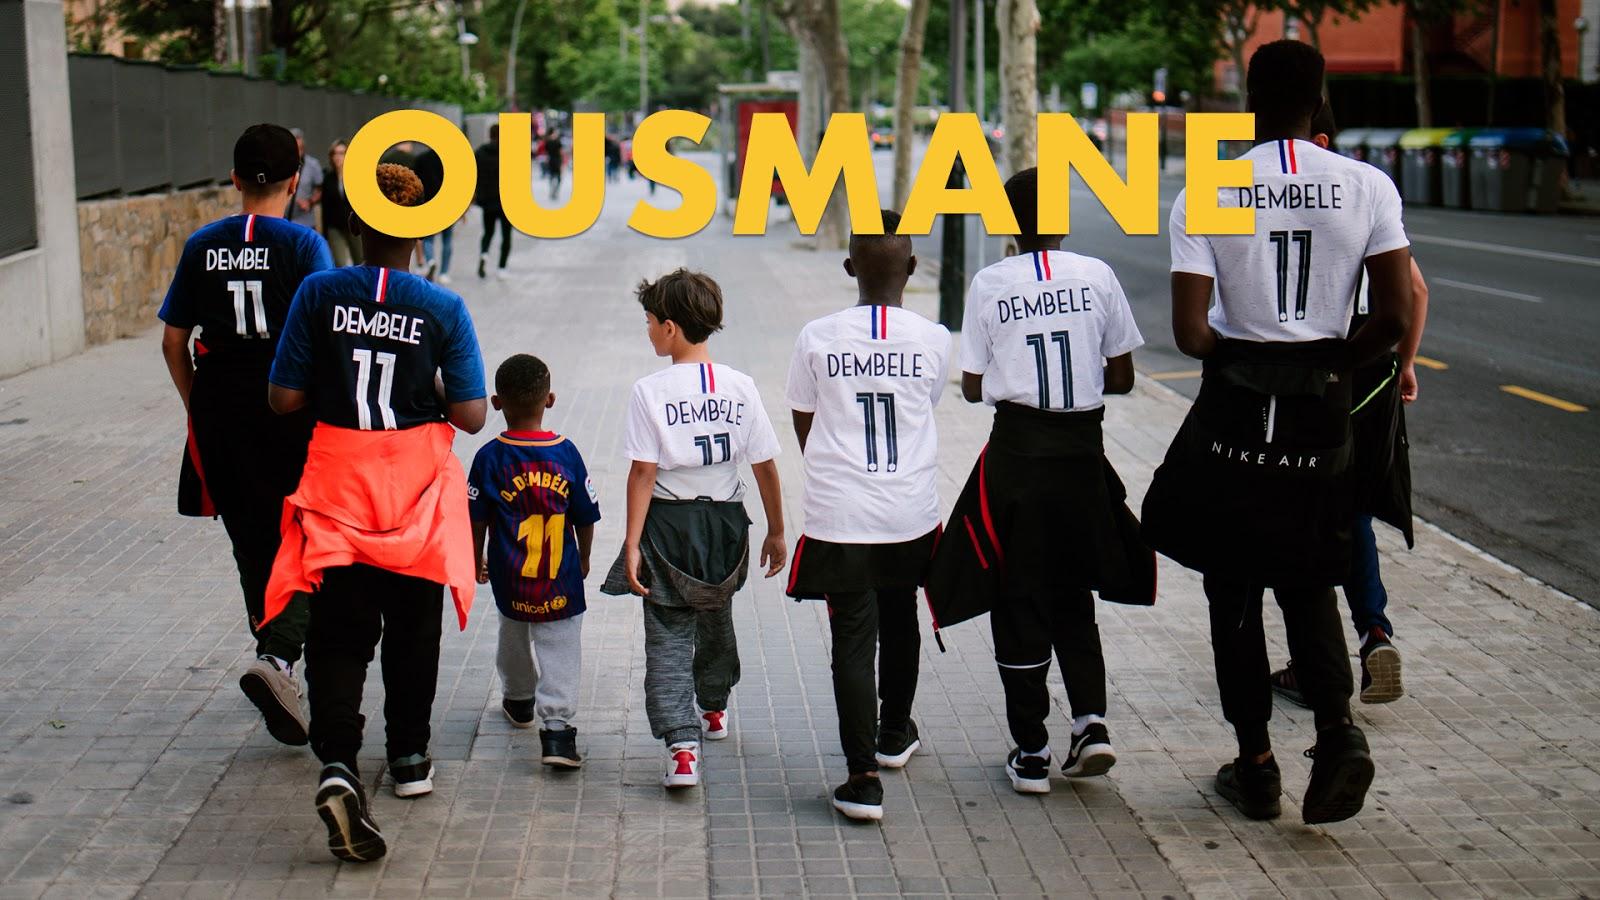 280ebd4daa3 Nike and Yard Release  Ousmane